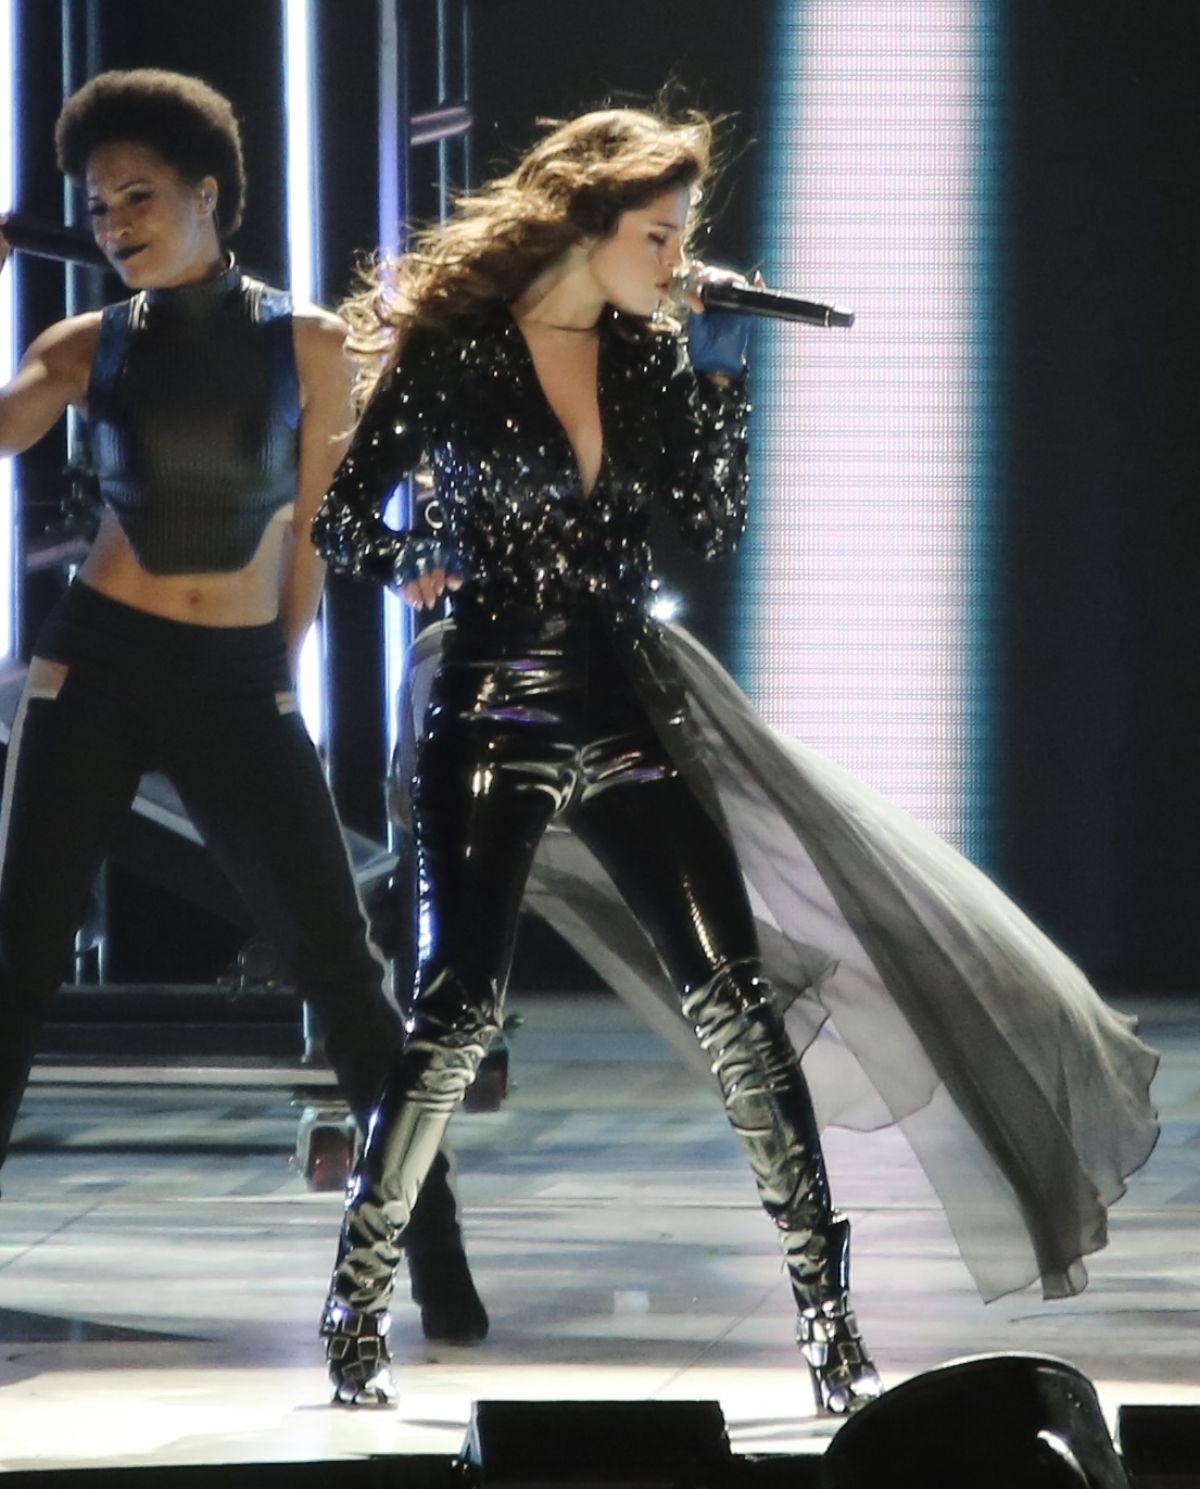 Selena Gomez House Tour: SELENA GOMEZ Performs At Revival World Tour In Vancouver